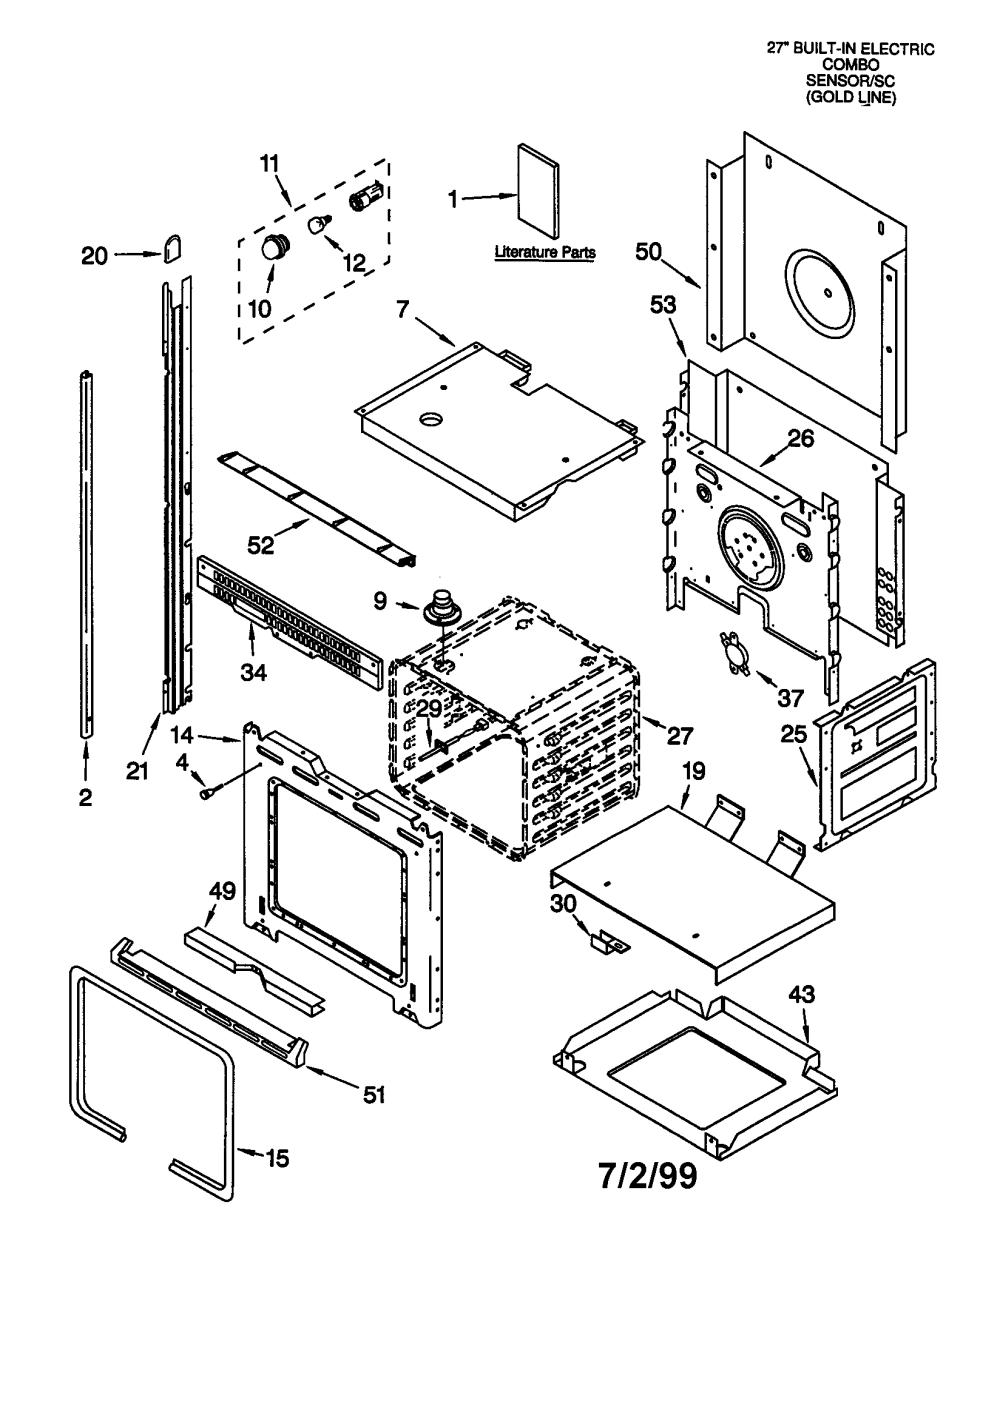 medium resolution of maytag wiring diagram microwave basic electronics wiring diagram maytag oven wiring diagram whirlpool microwave oven wiring